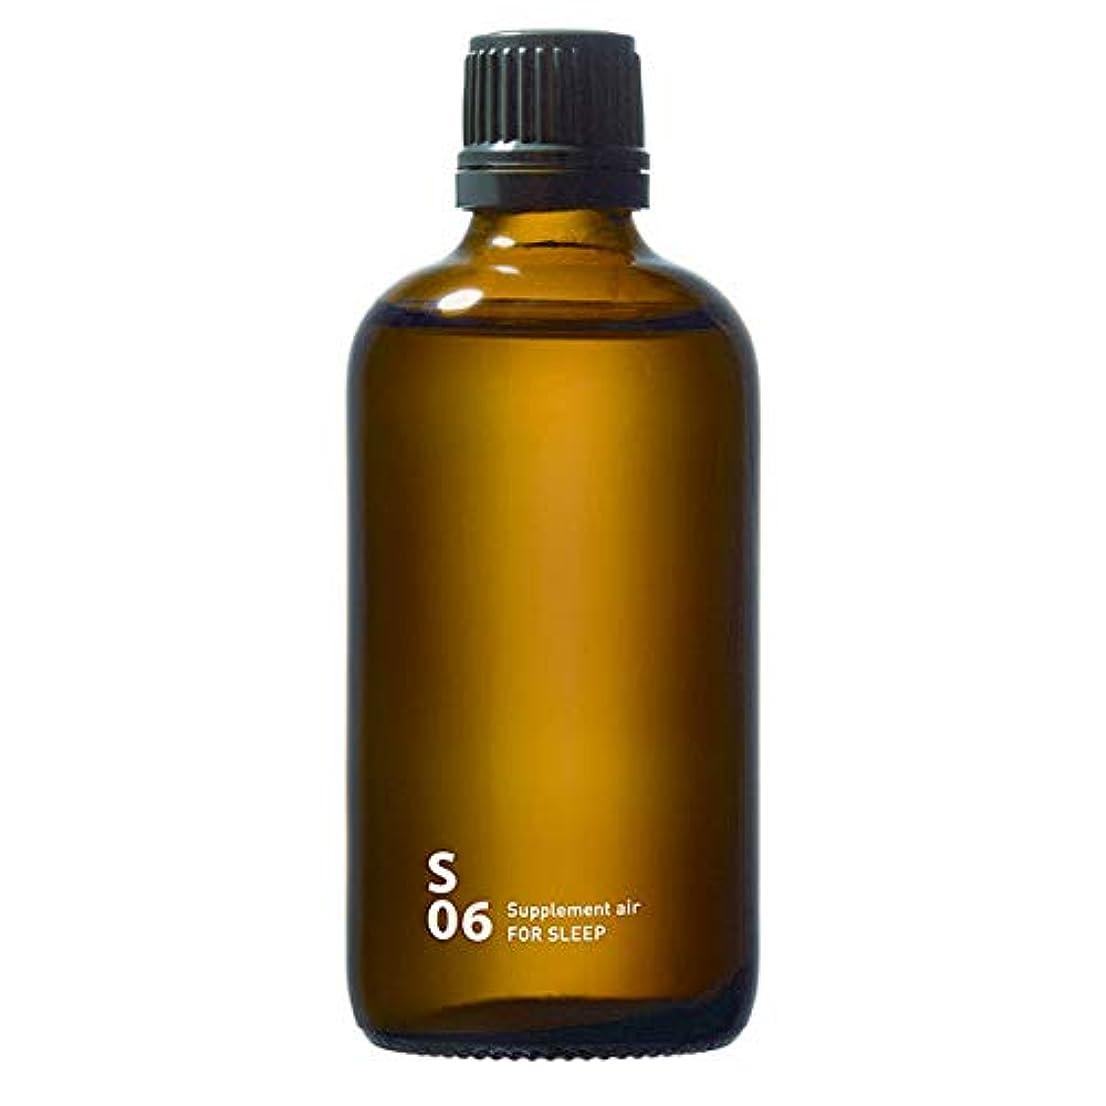 溶融まともな不条理S06 FOR SLEEP piezo aroma oil 100ml